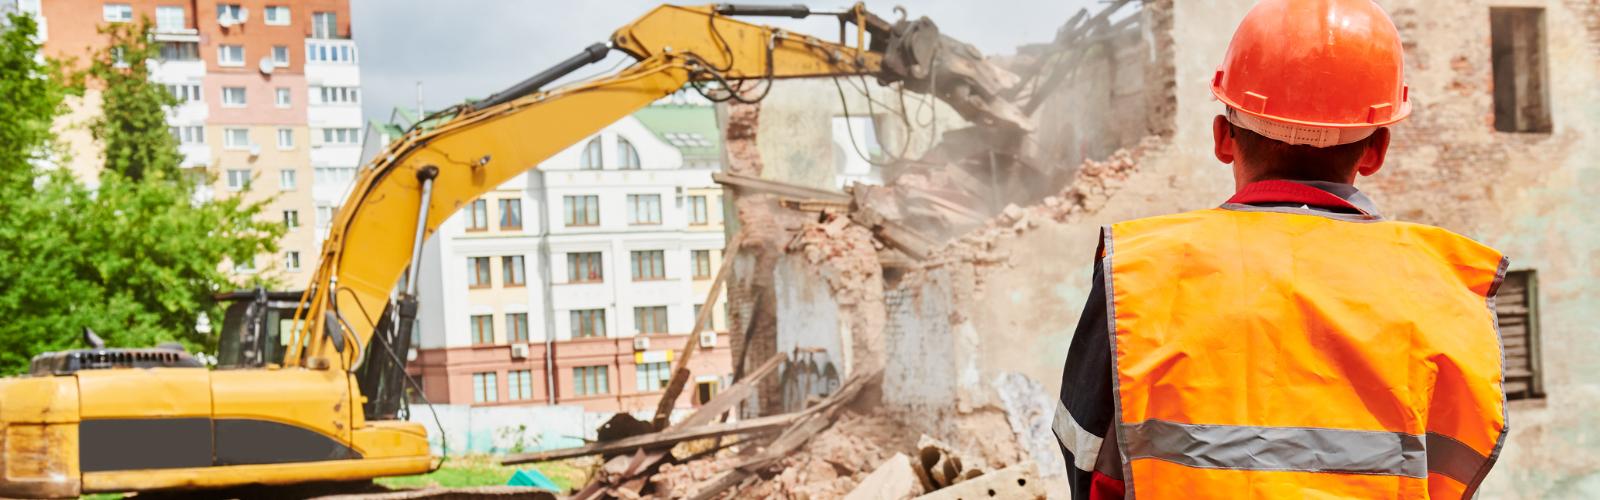 Safe Demolition